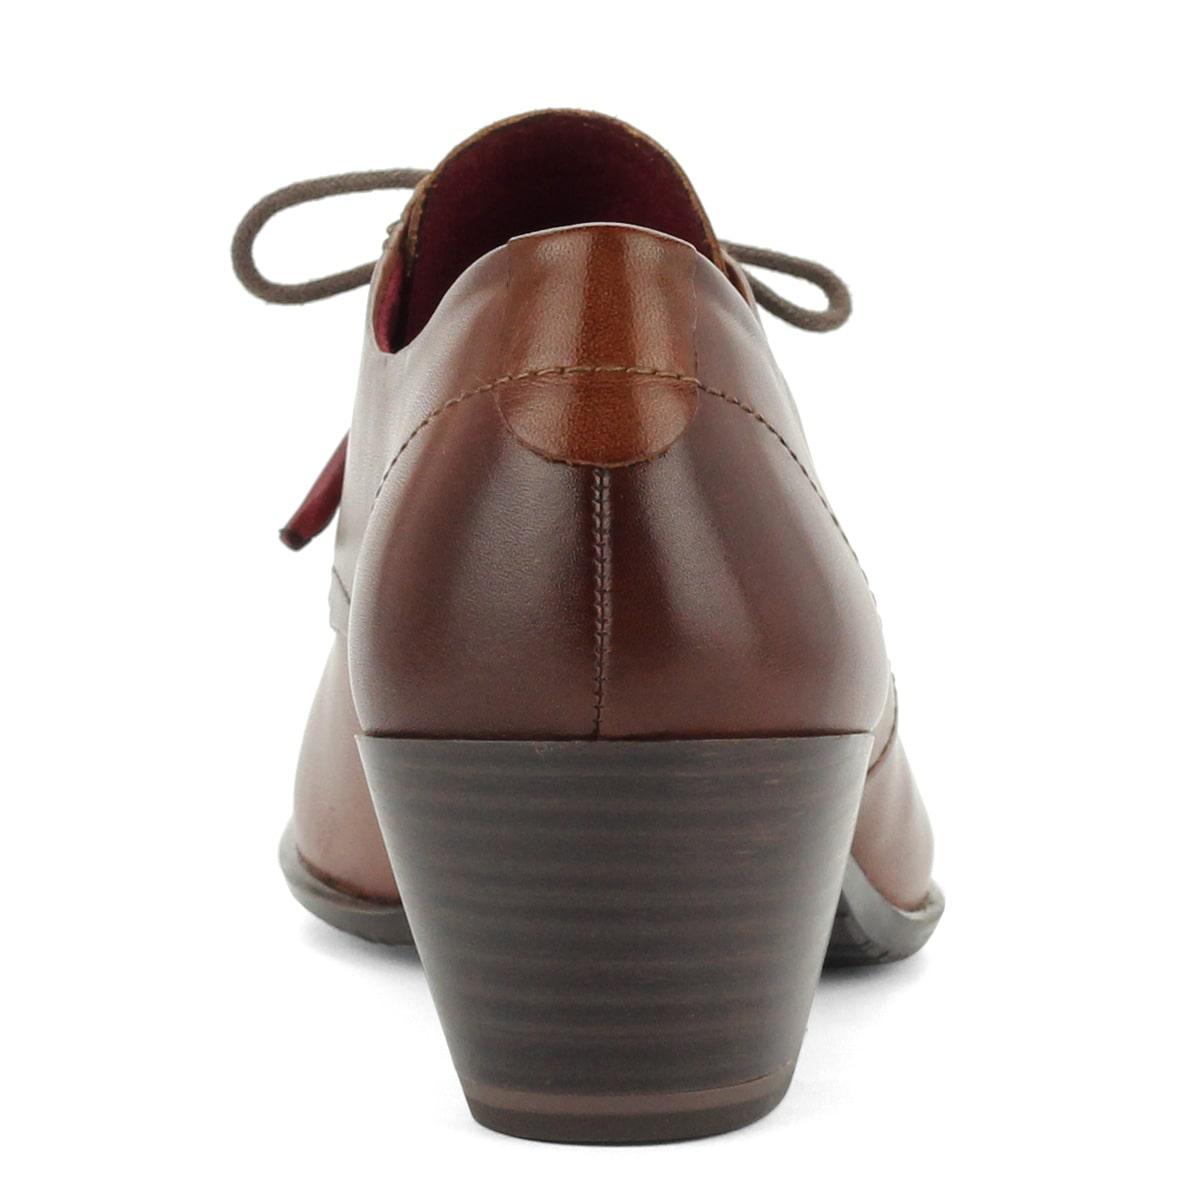 Fűzős Tamaris bőr cipő barna színben ea4b2efa79